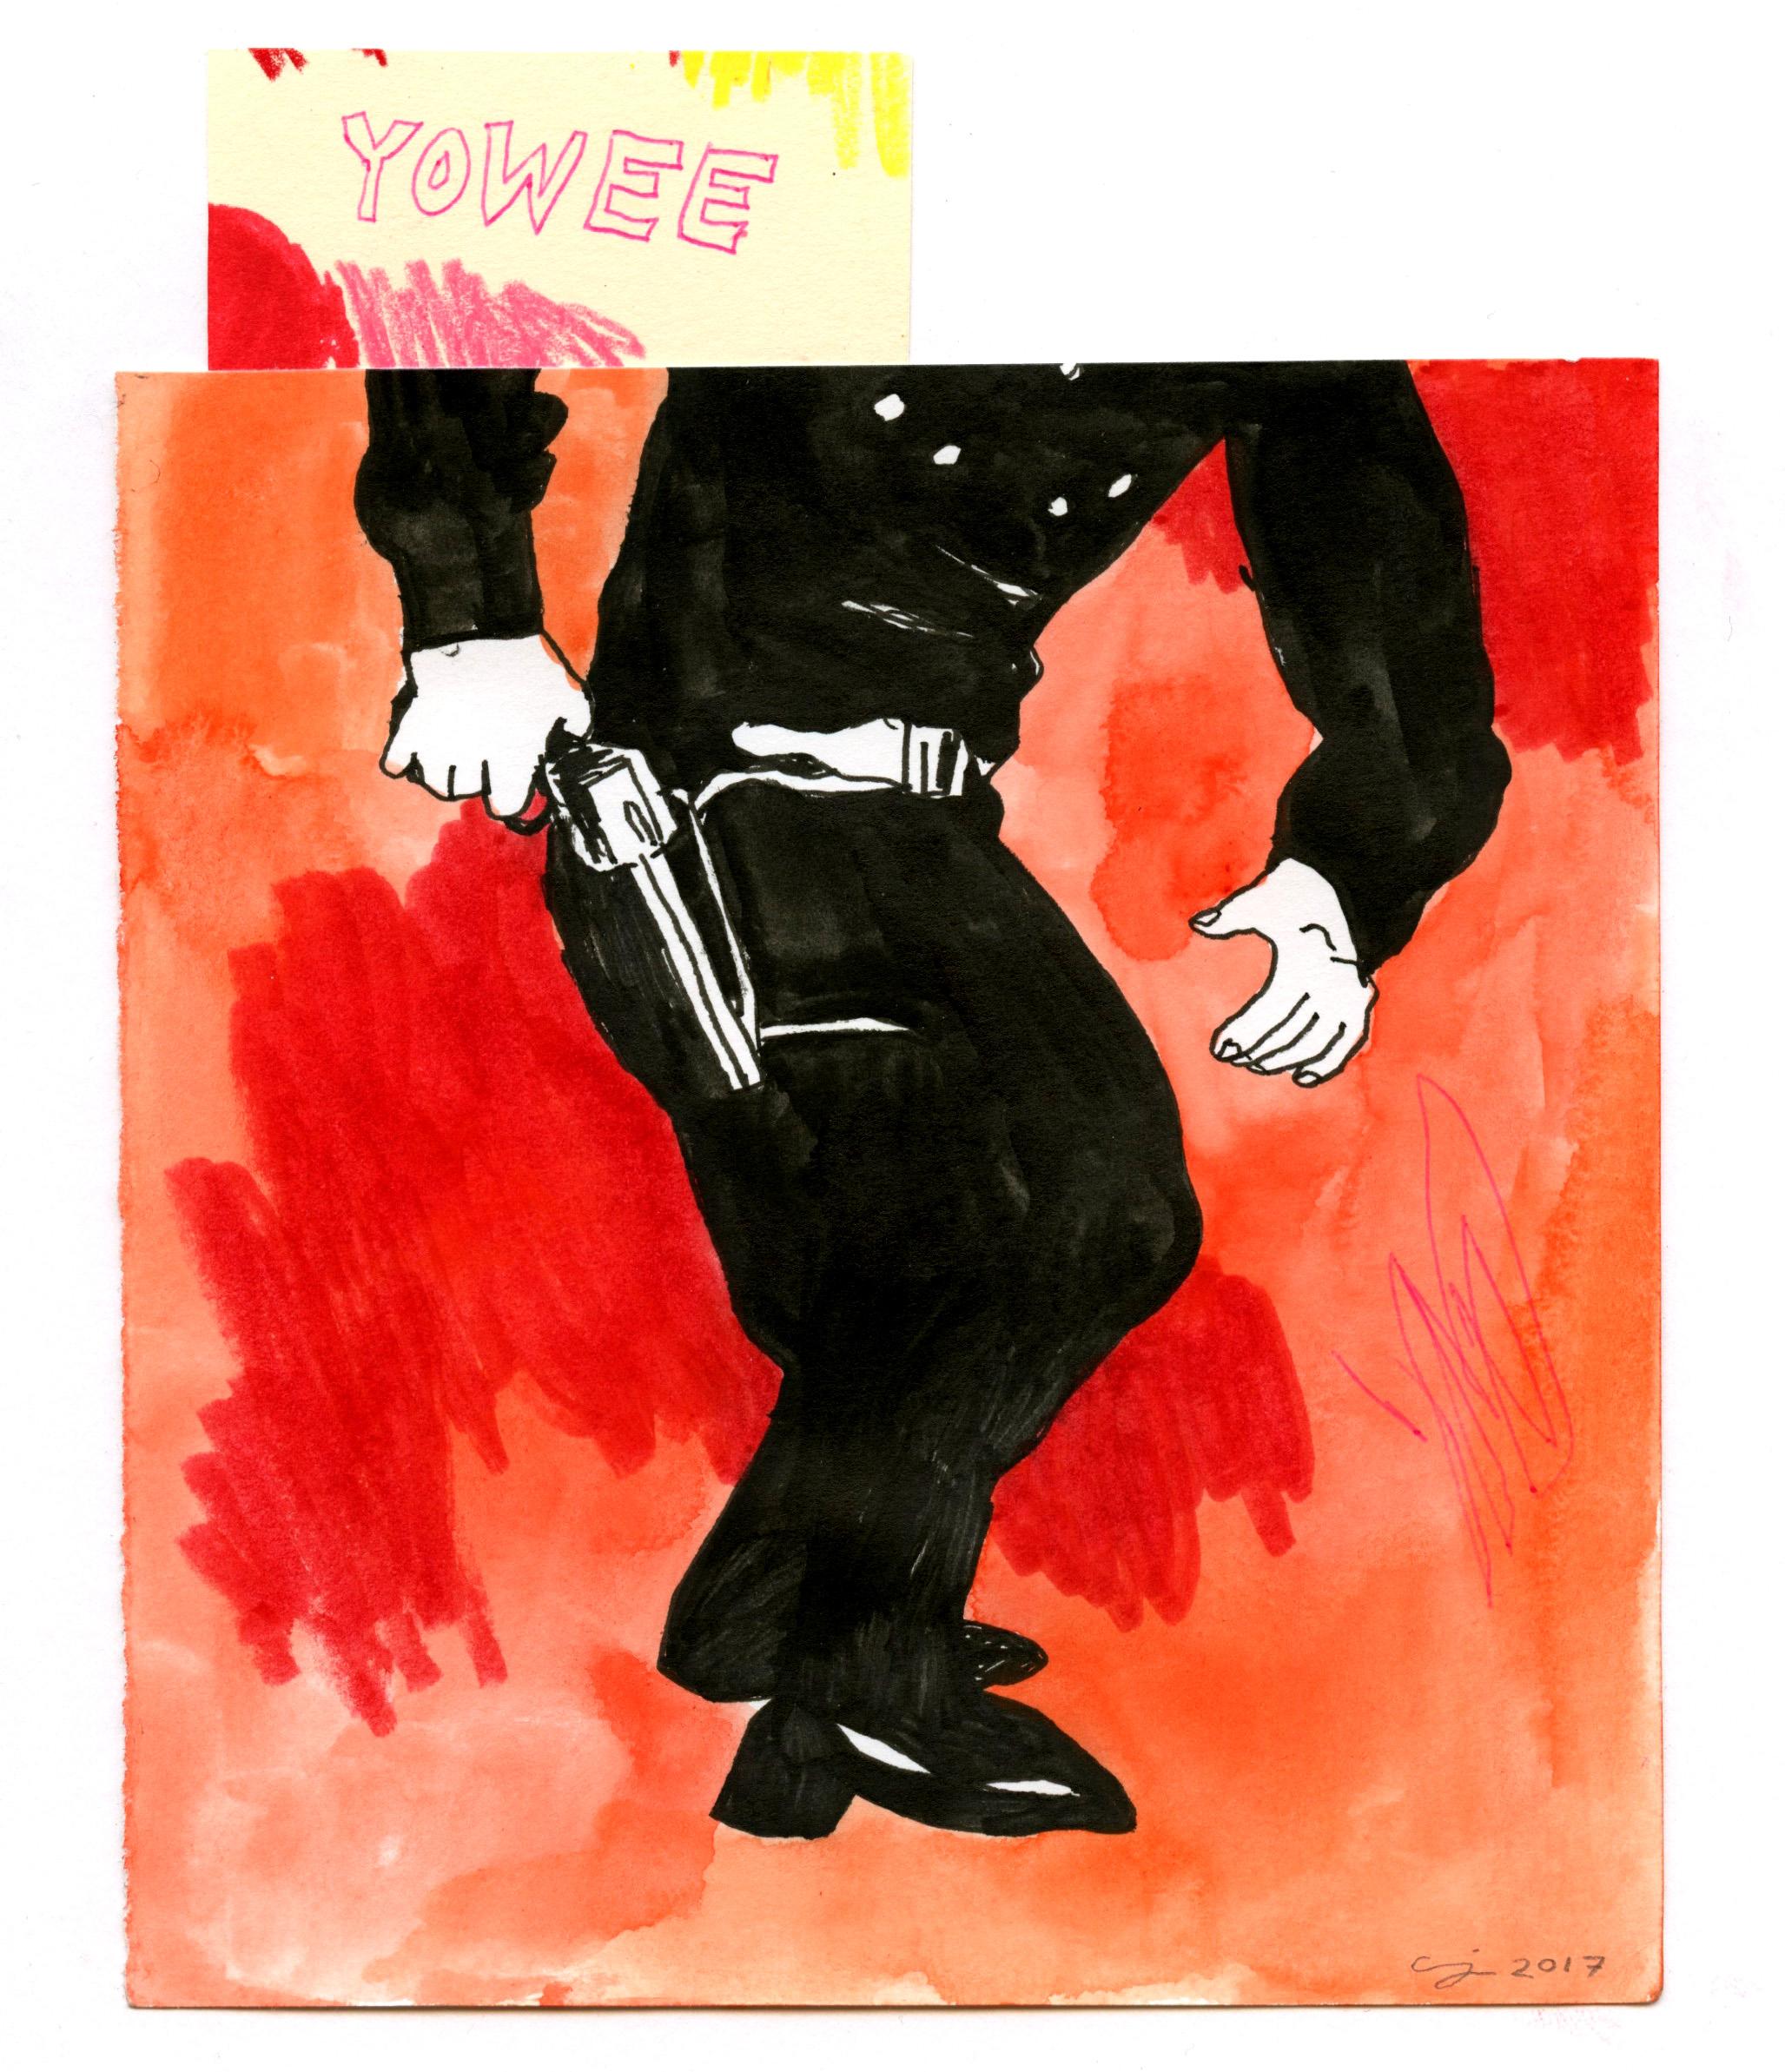 clarkjackson-yowee cowboy.jpg